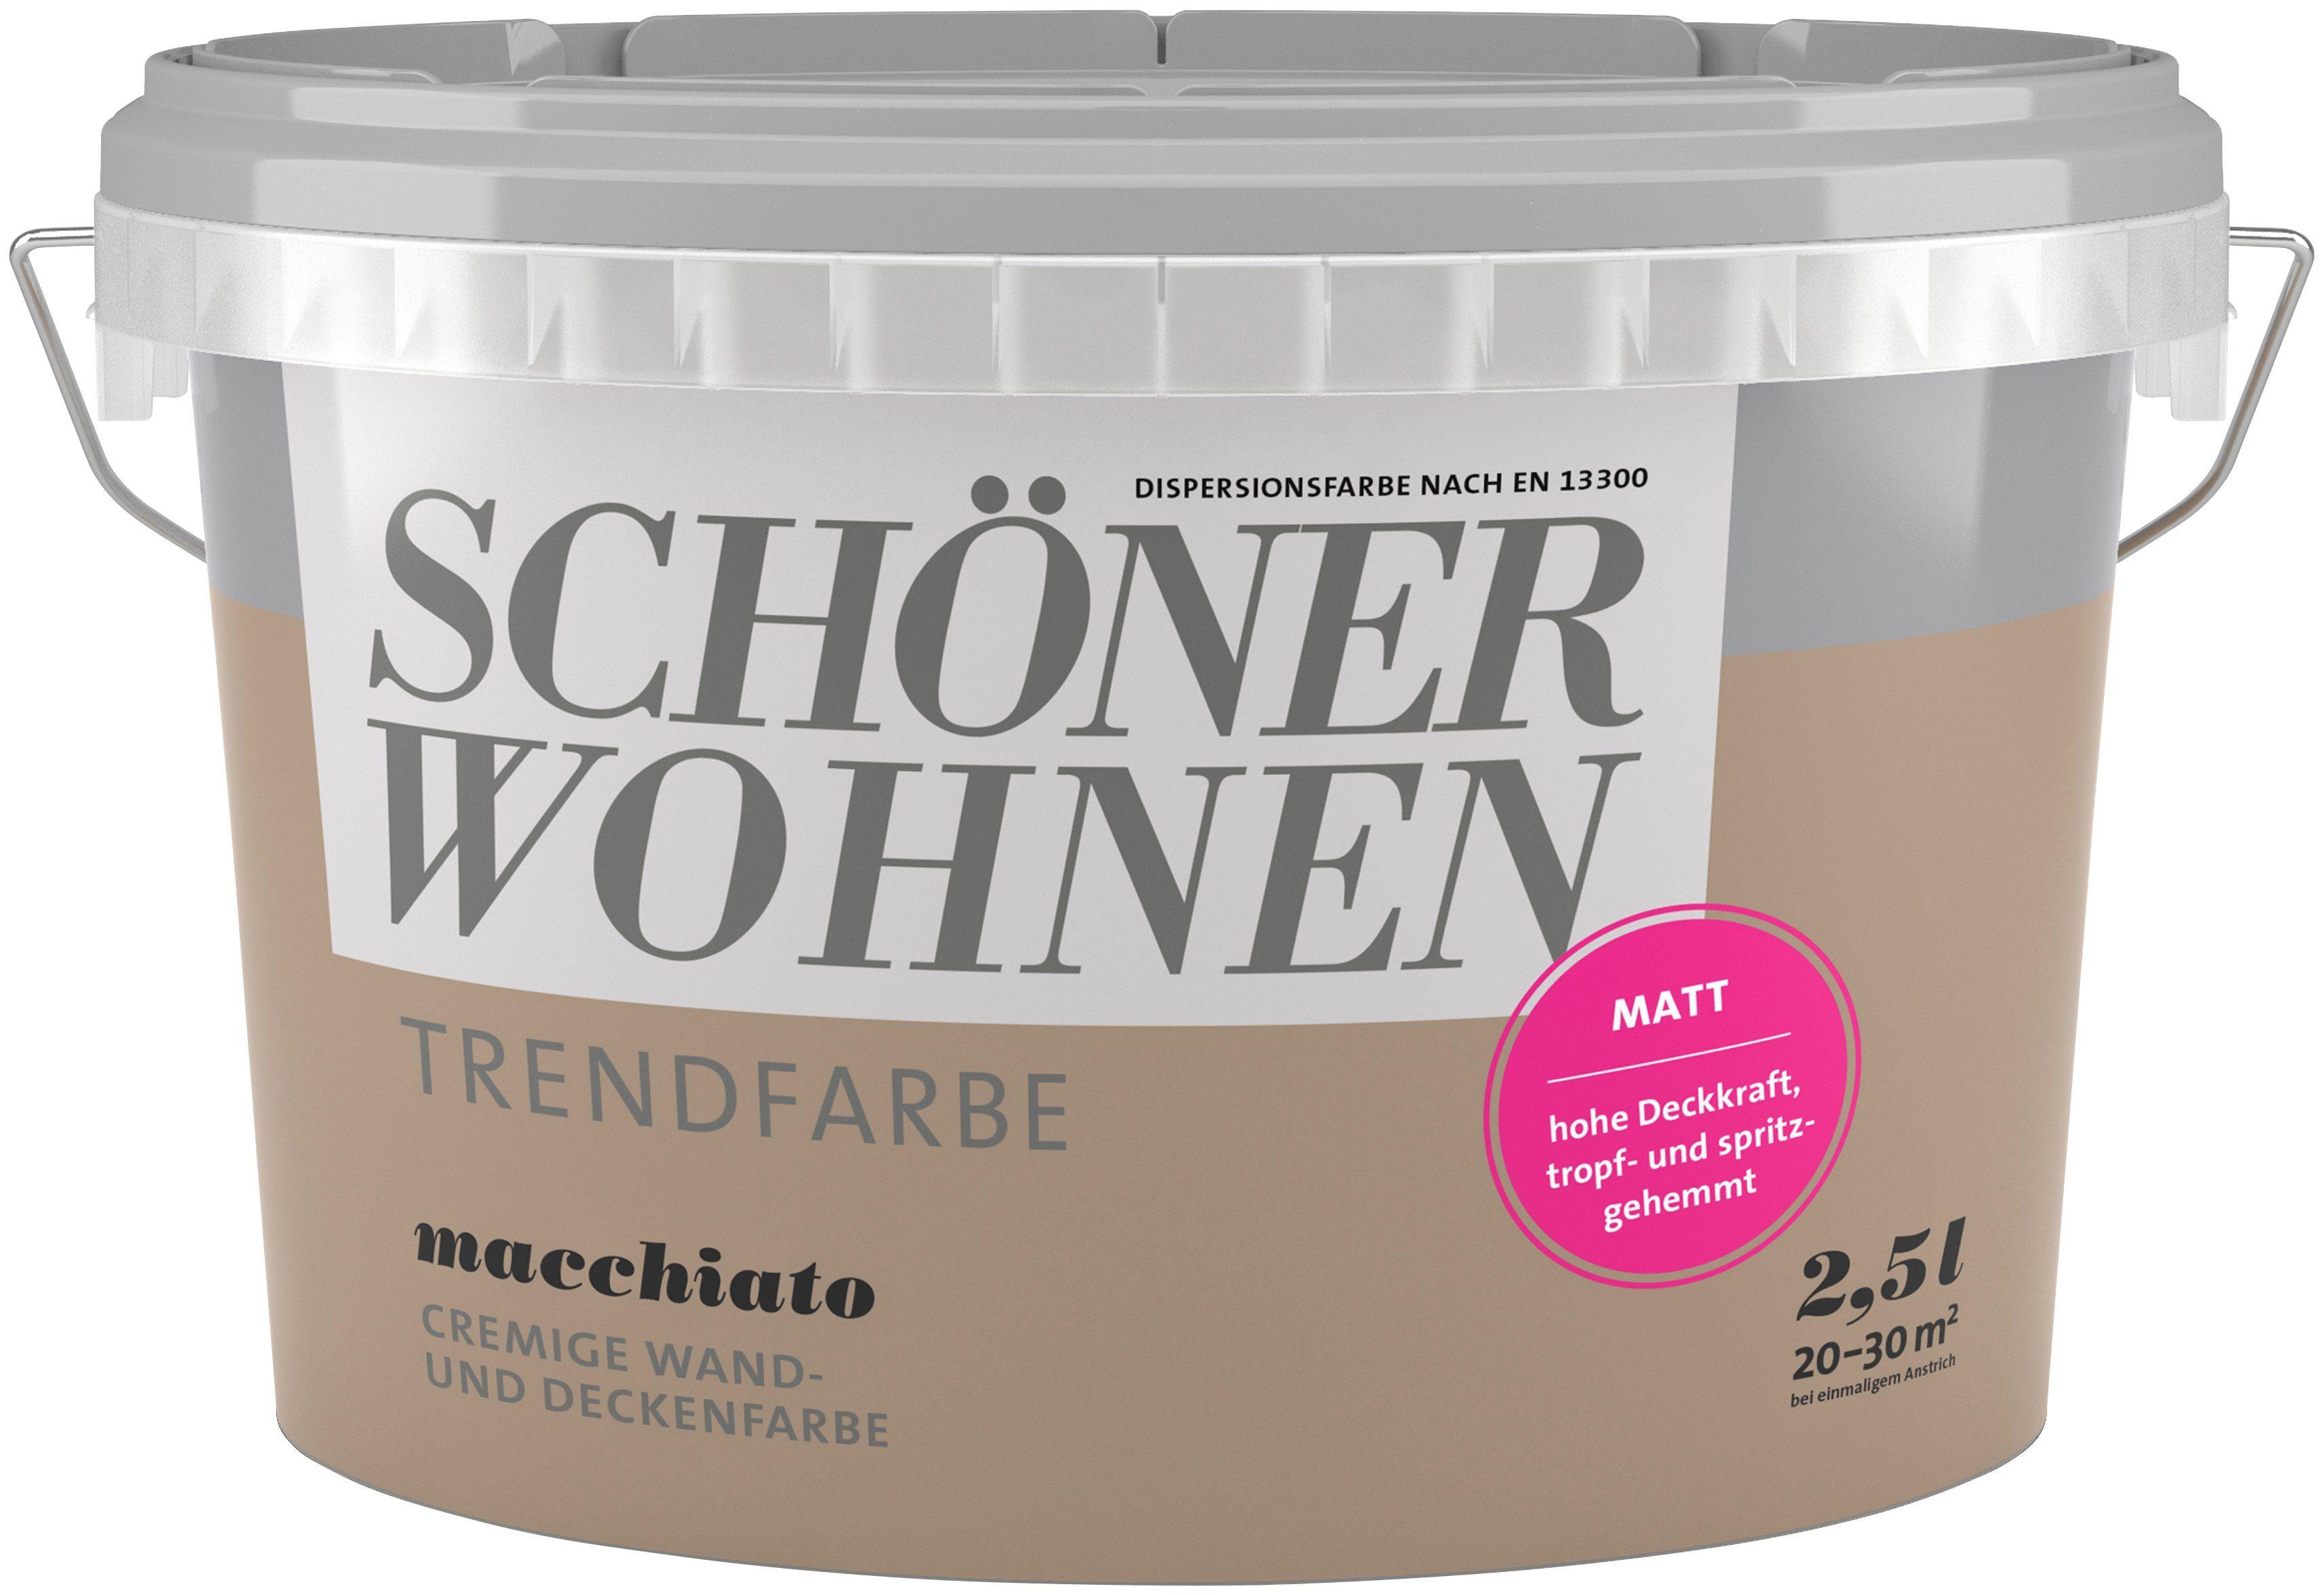 SCHÖNER WOHNEN FARBE Wand- und Deckenfarbe »Trendfarbe Macchiato, matt«, 2,5 l